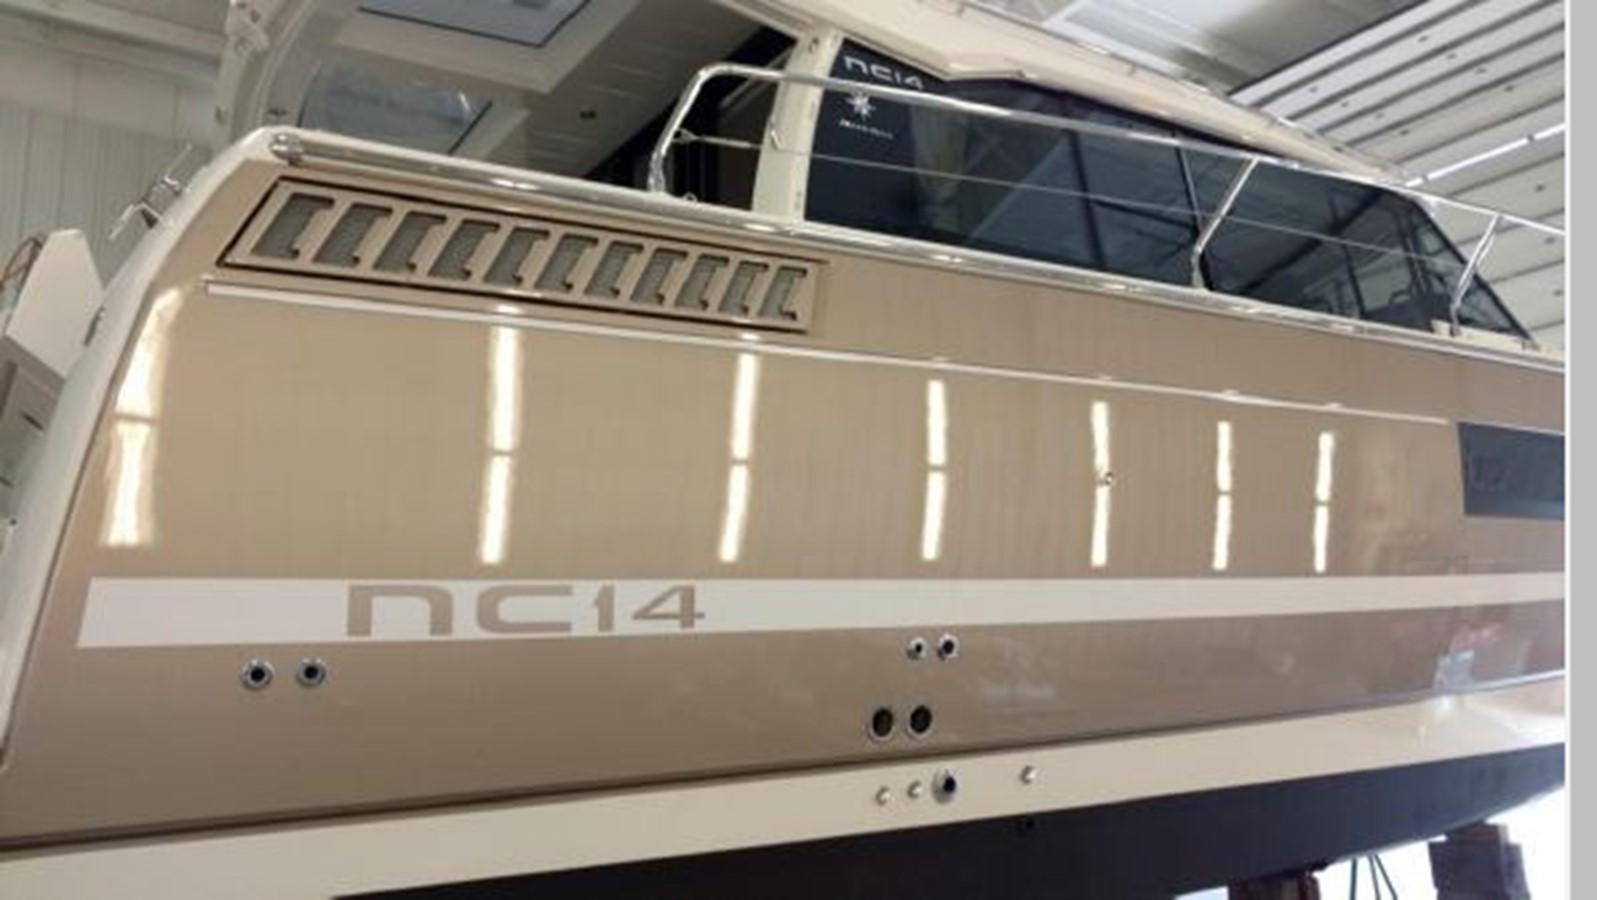 2016 JEANNEAU NC 14 Motor Yacht 2594453